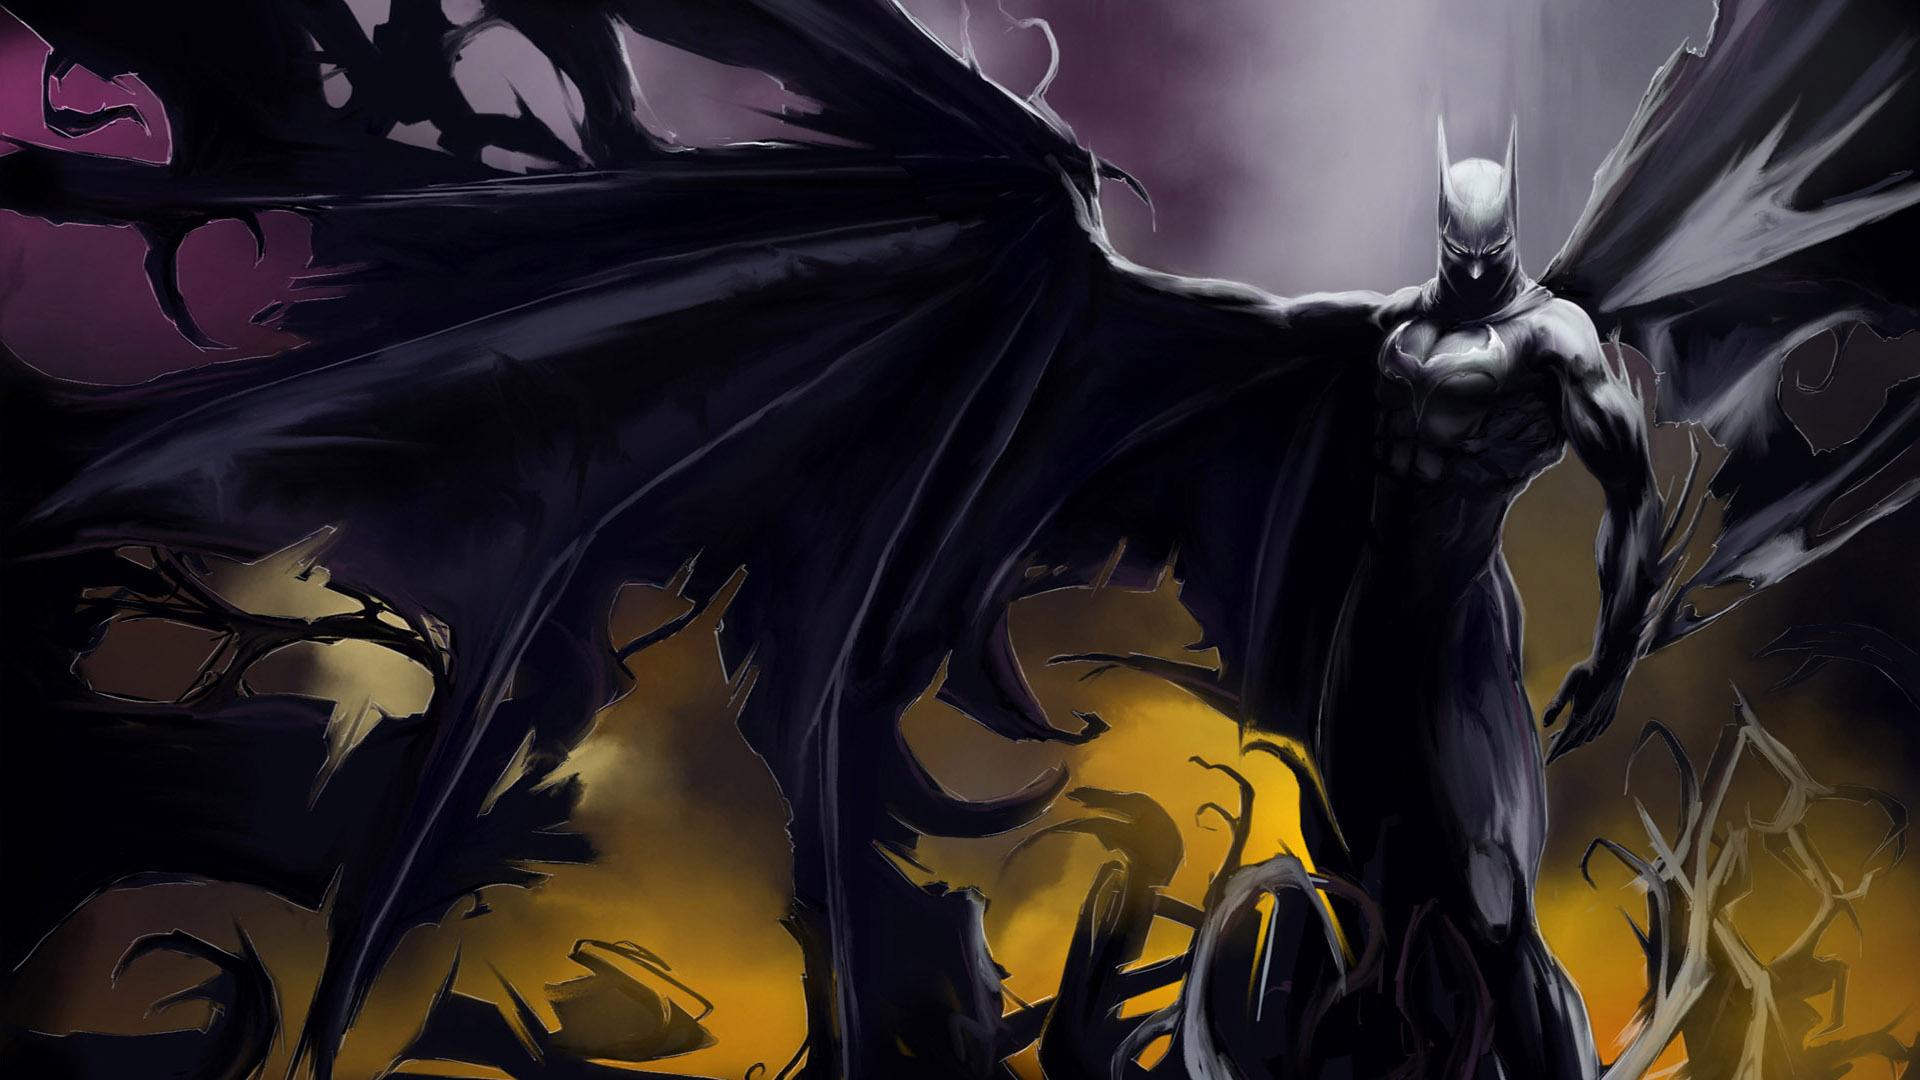 Comics - Batman  Comics Dark Wallpaper